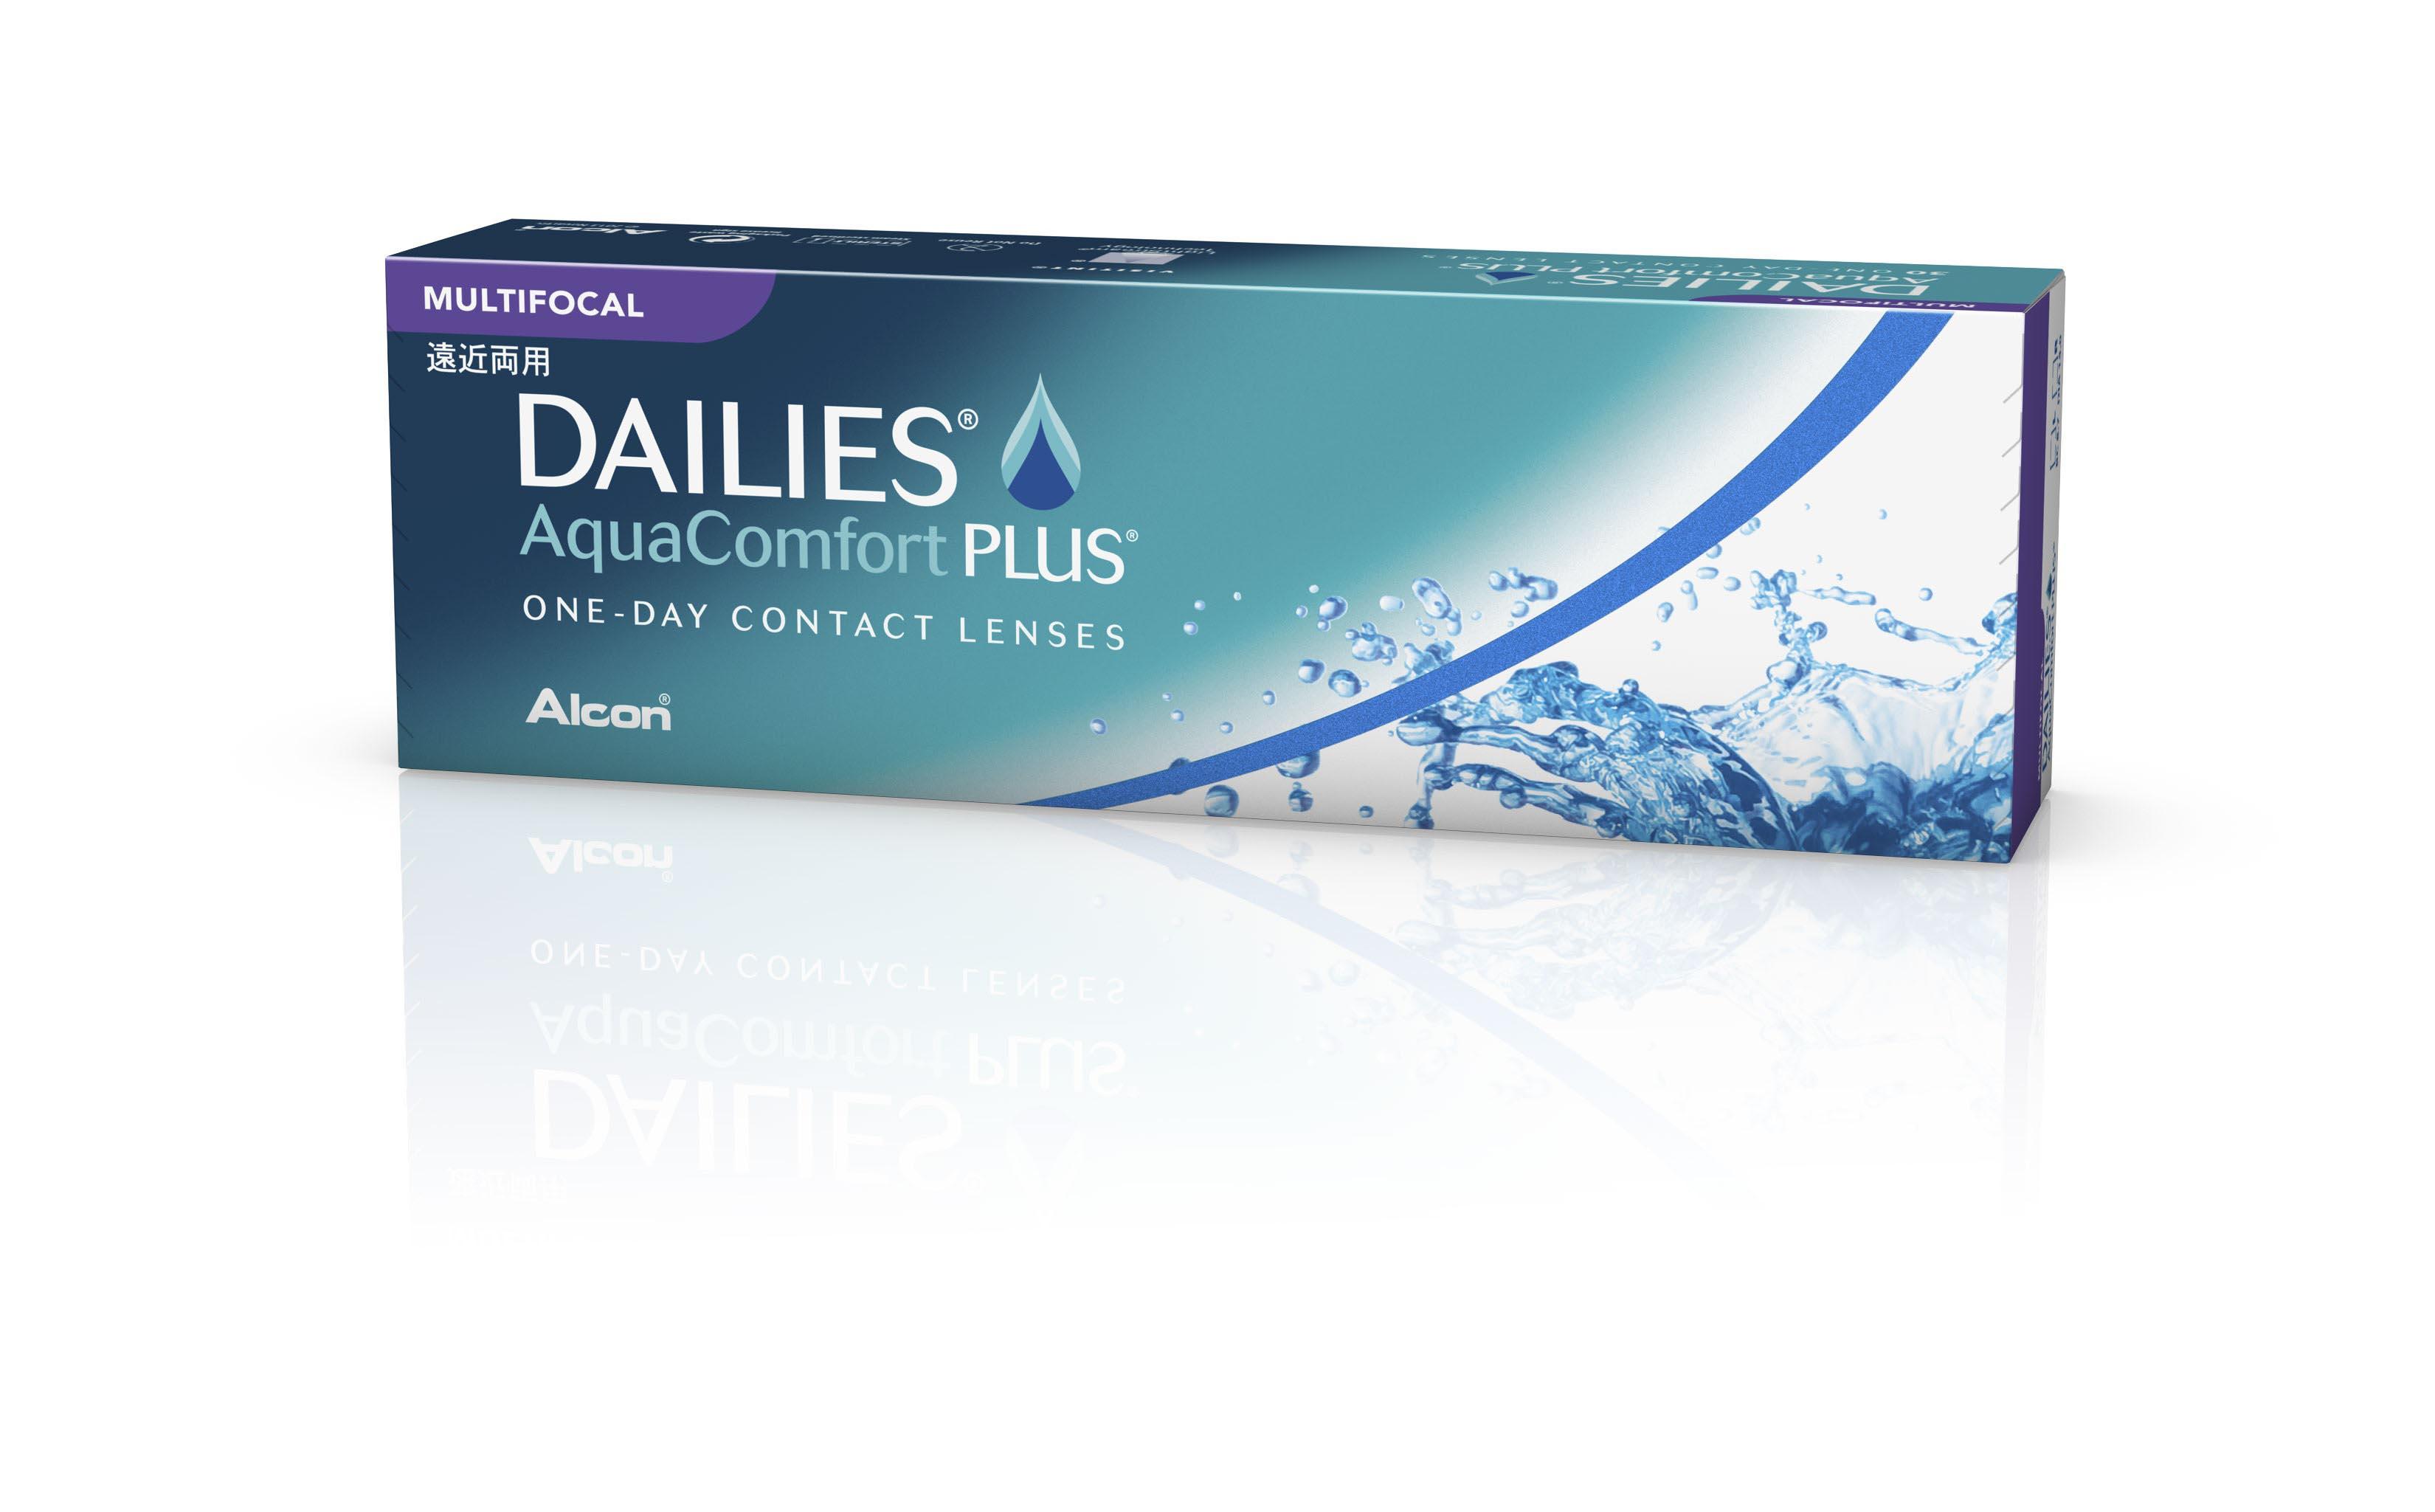 comforter en optics thaihuot product alcon dailies comfort aqua